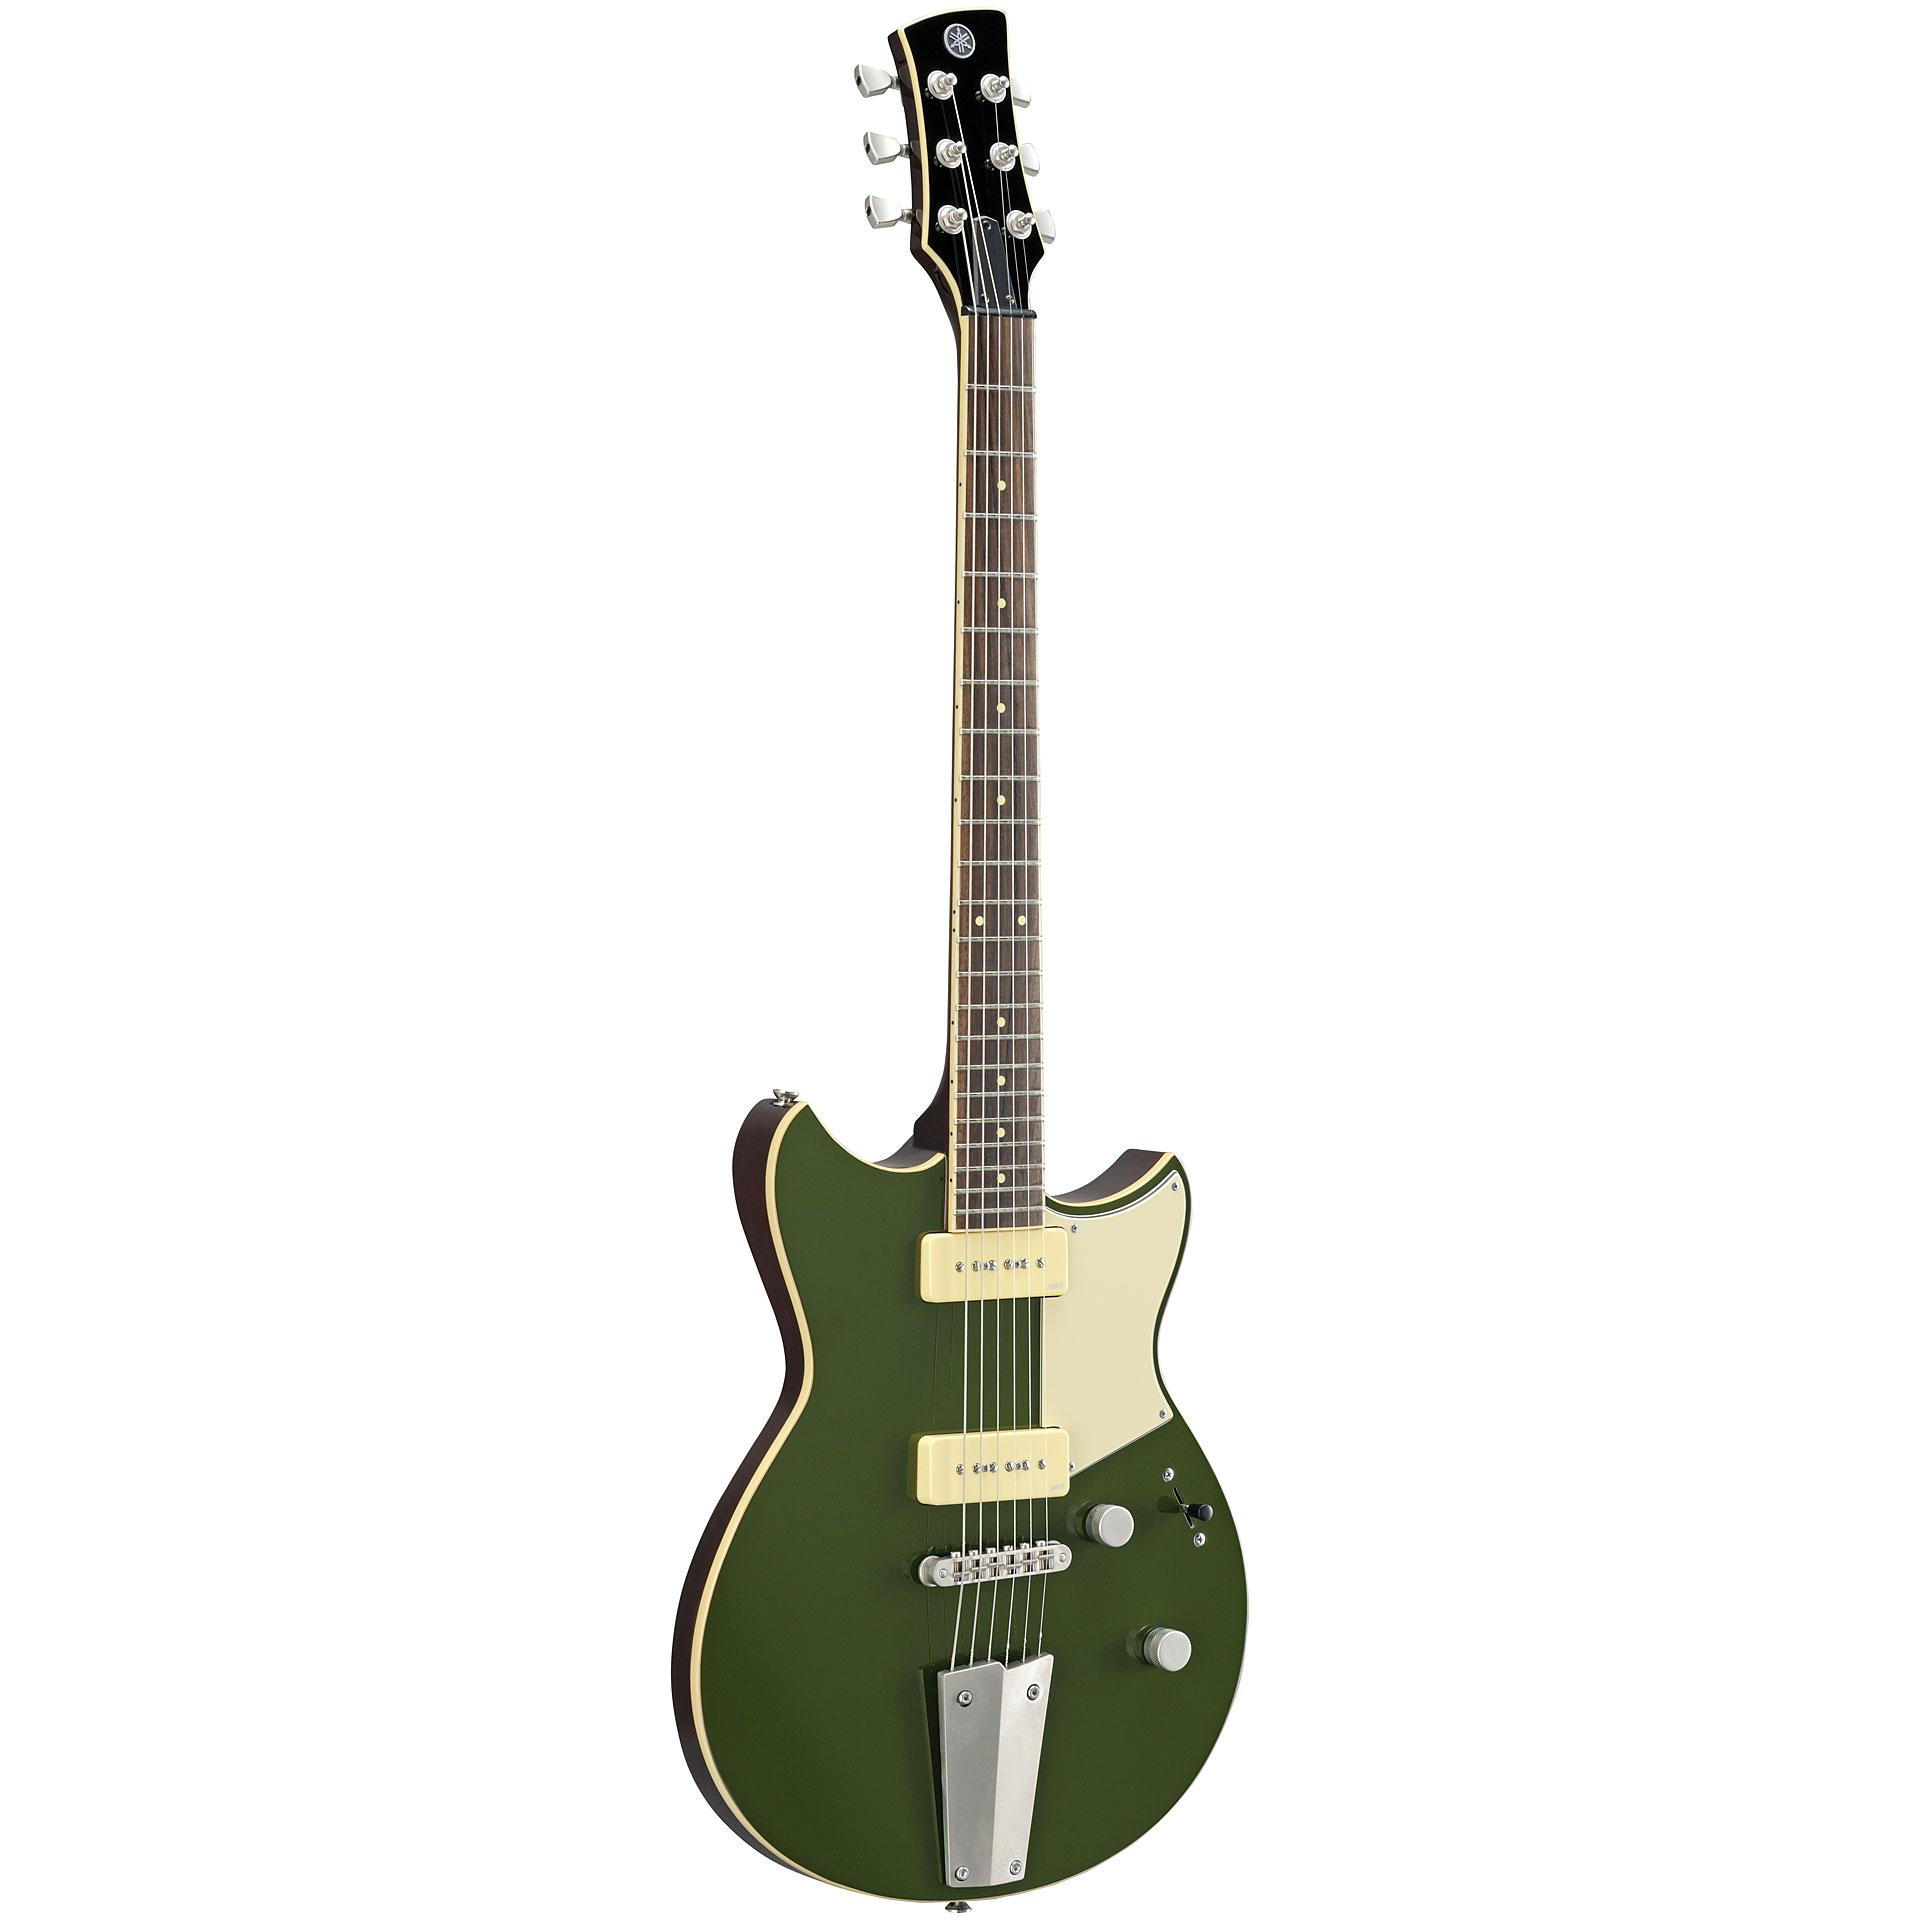 yamaha revstar rs502t bgr electric guitar. Black Bedroom Furniture Sets. Home Design Ideas